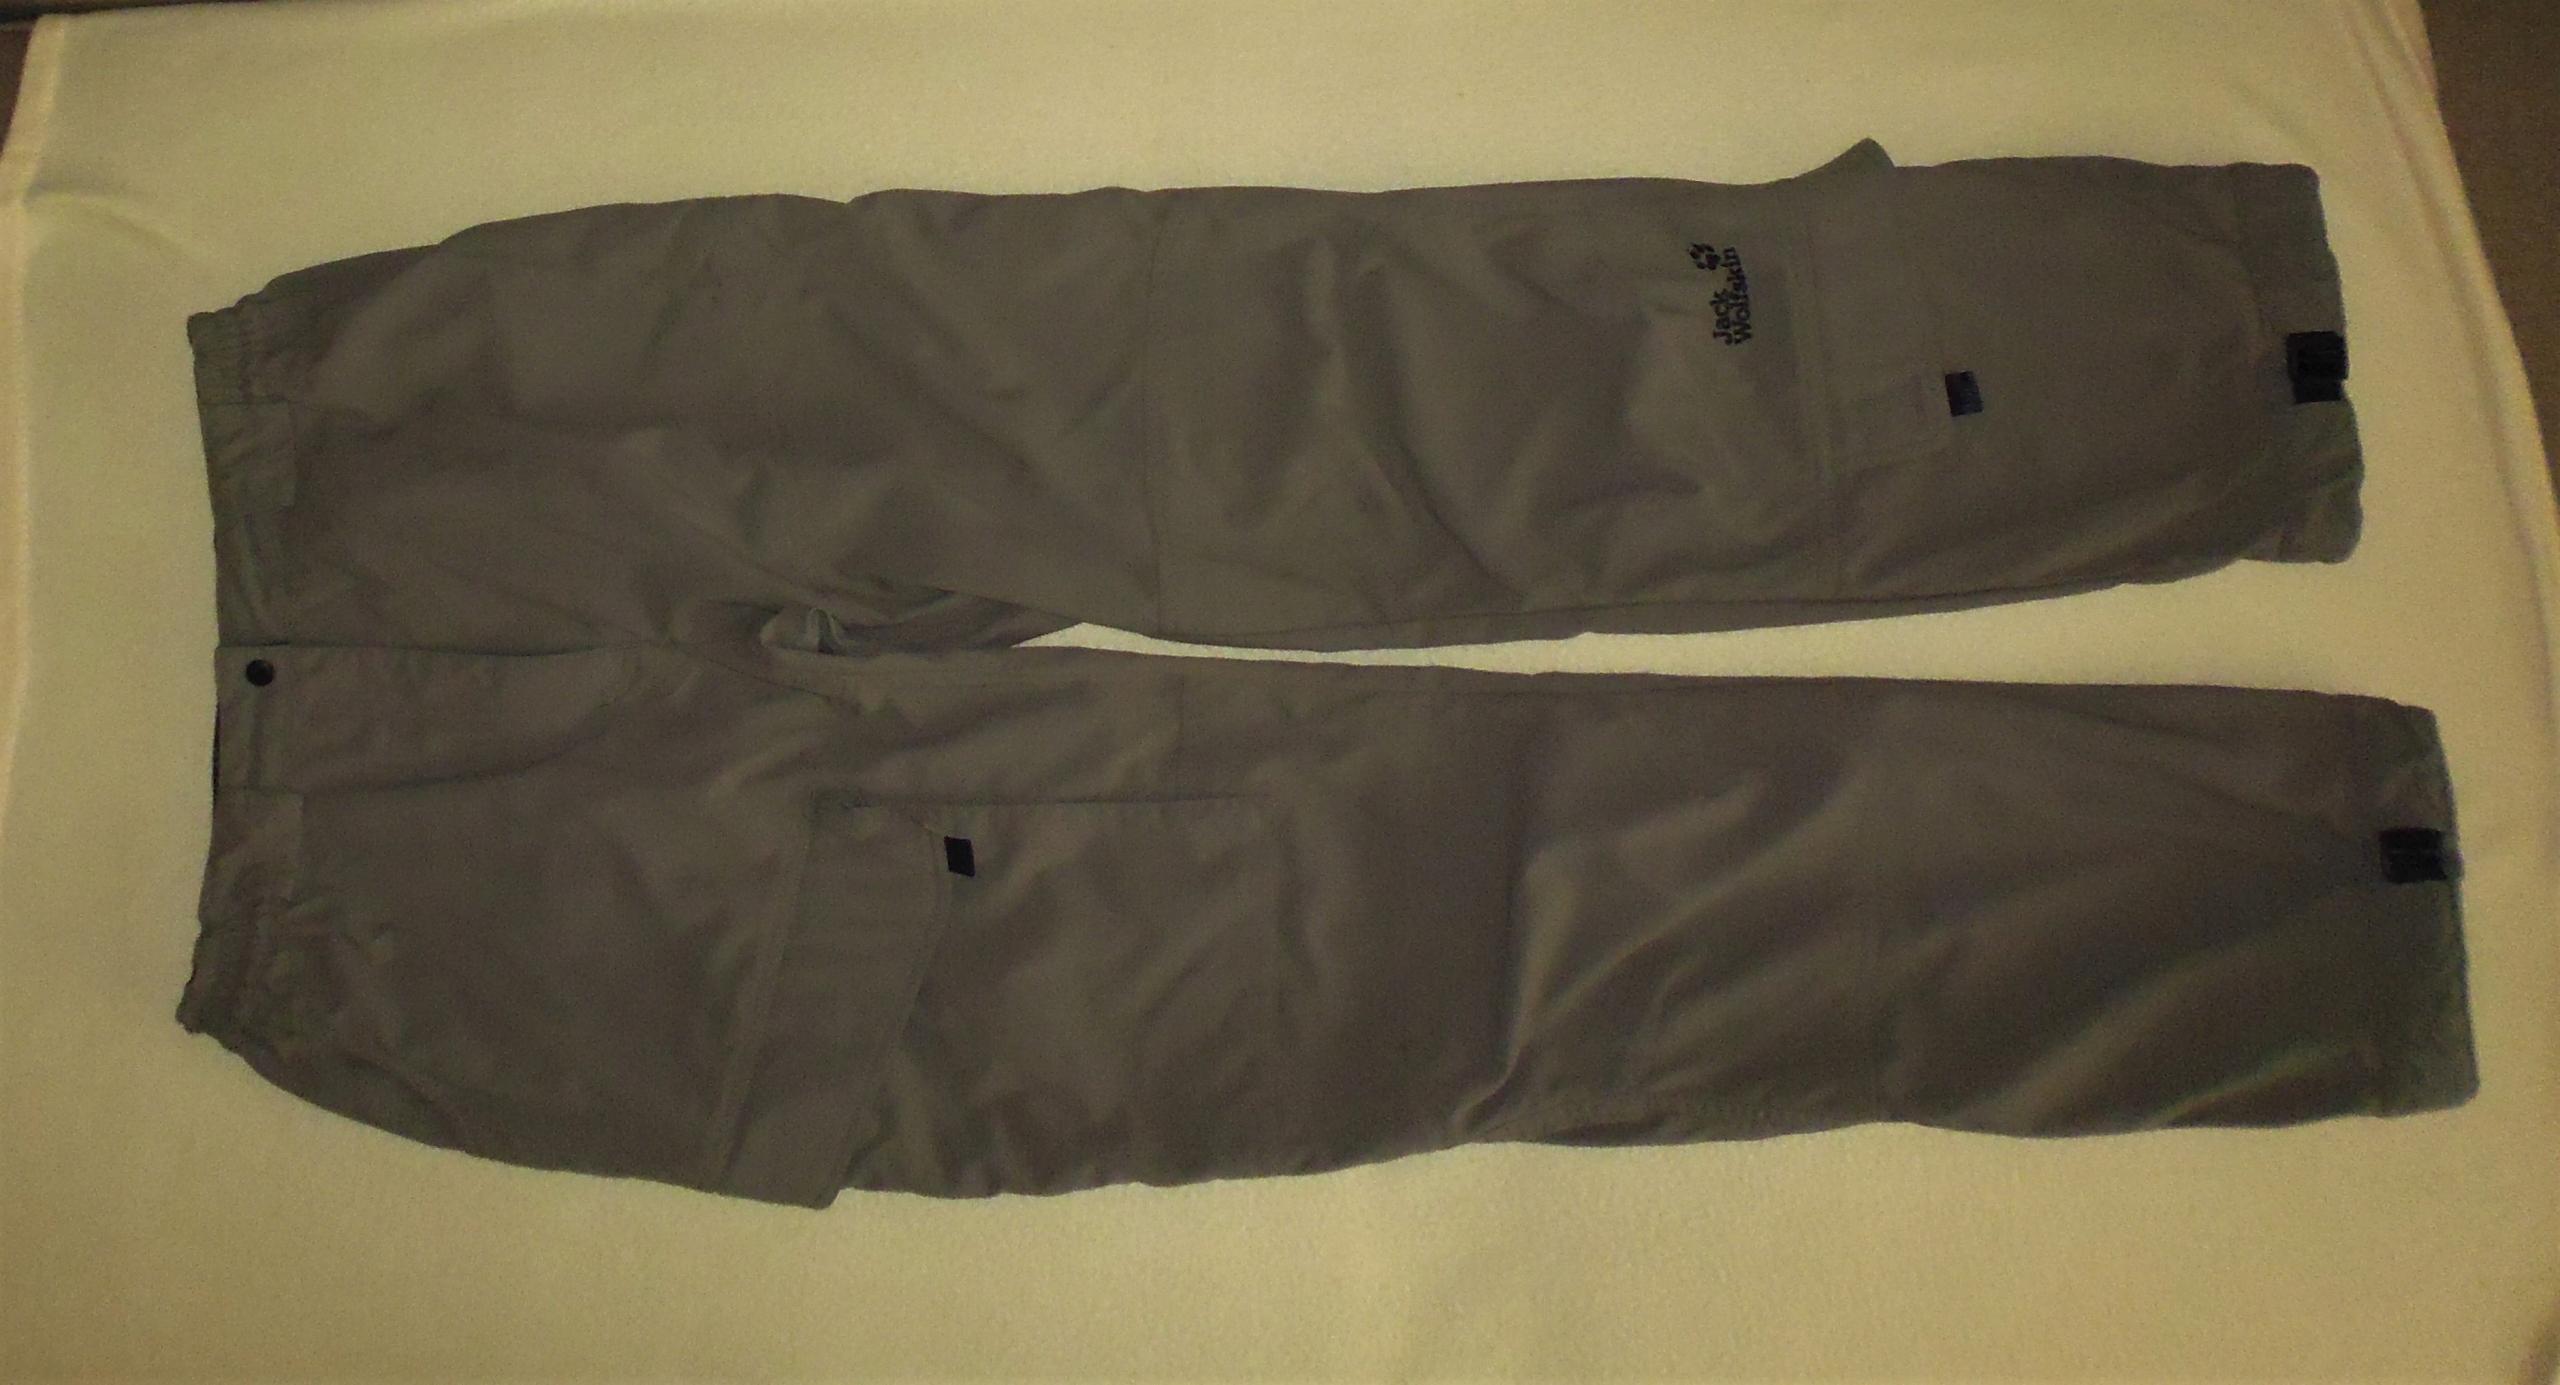 Jack Wolfskin-spodnie bojówki 42